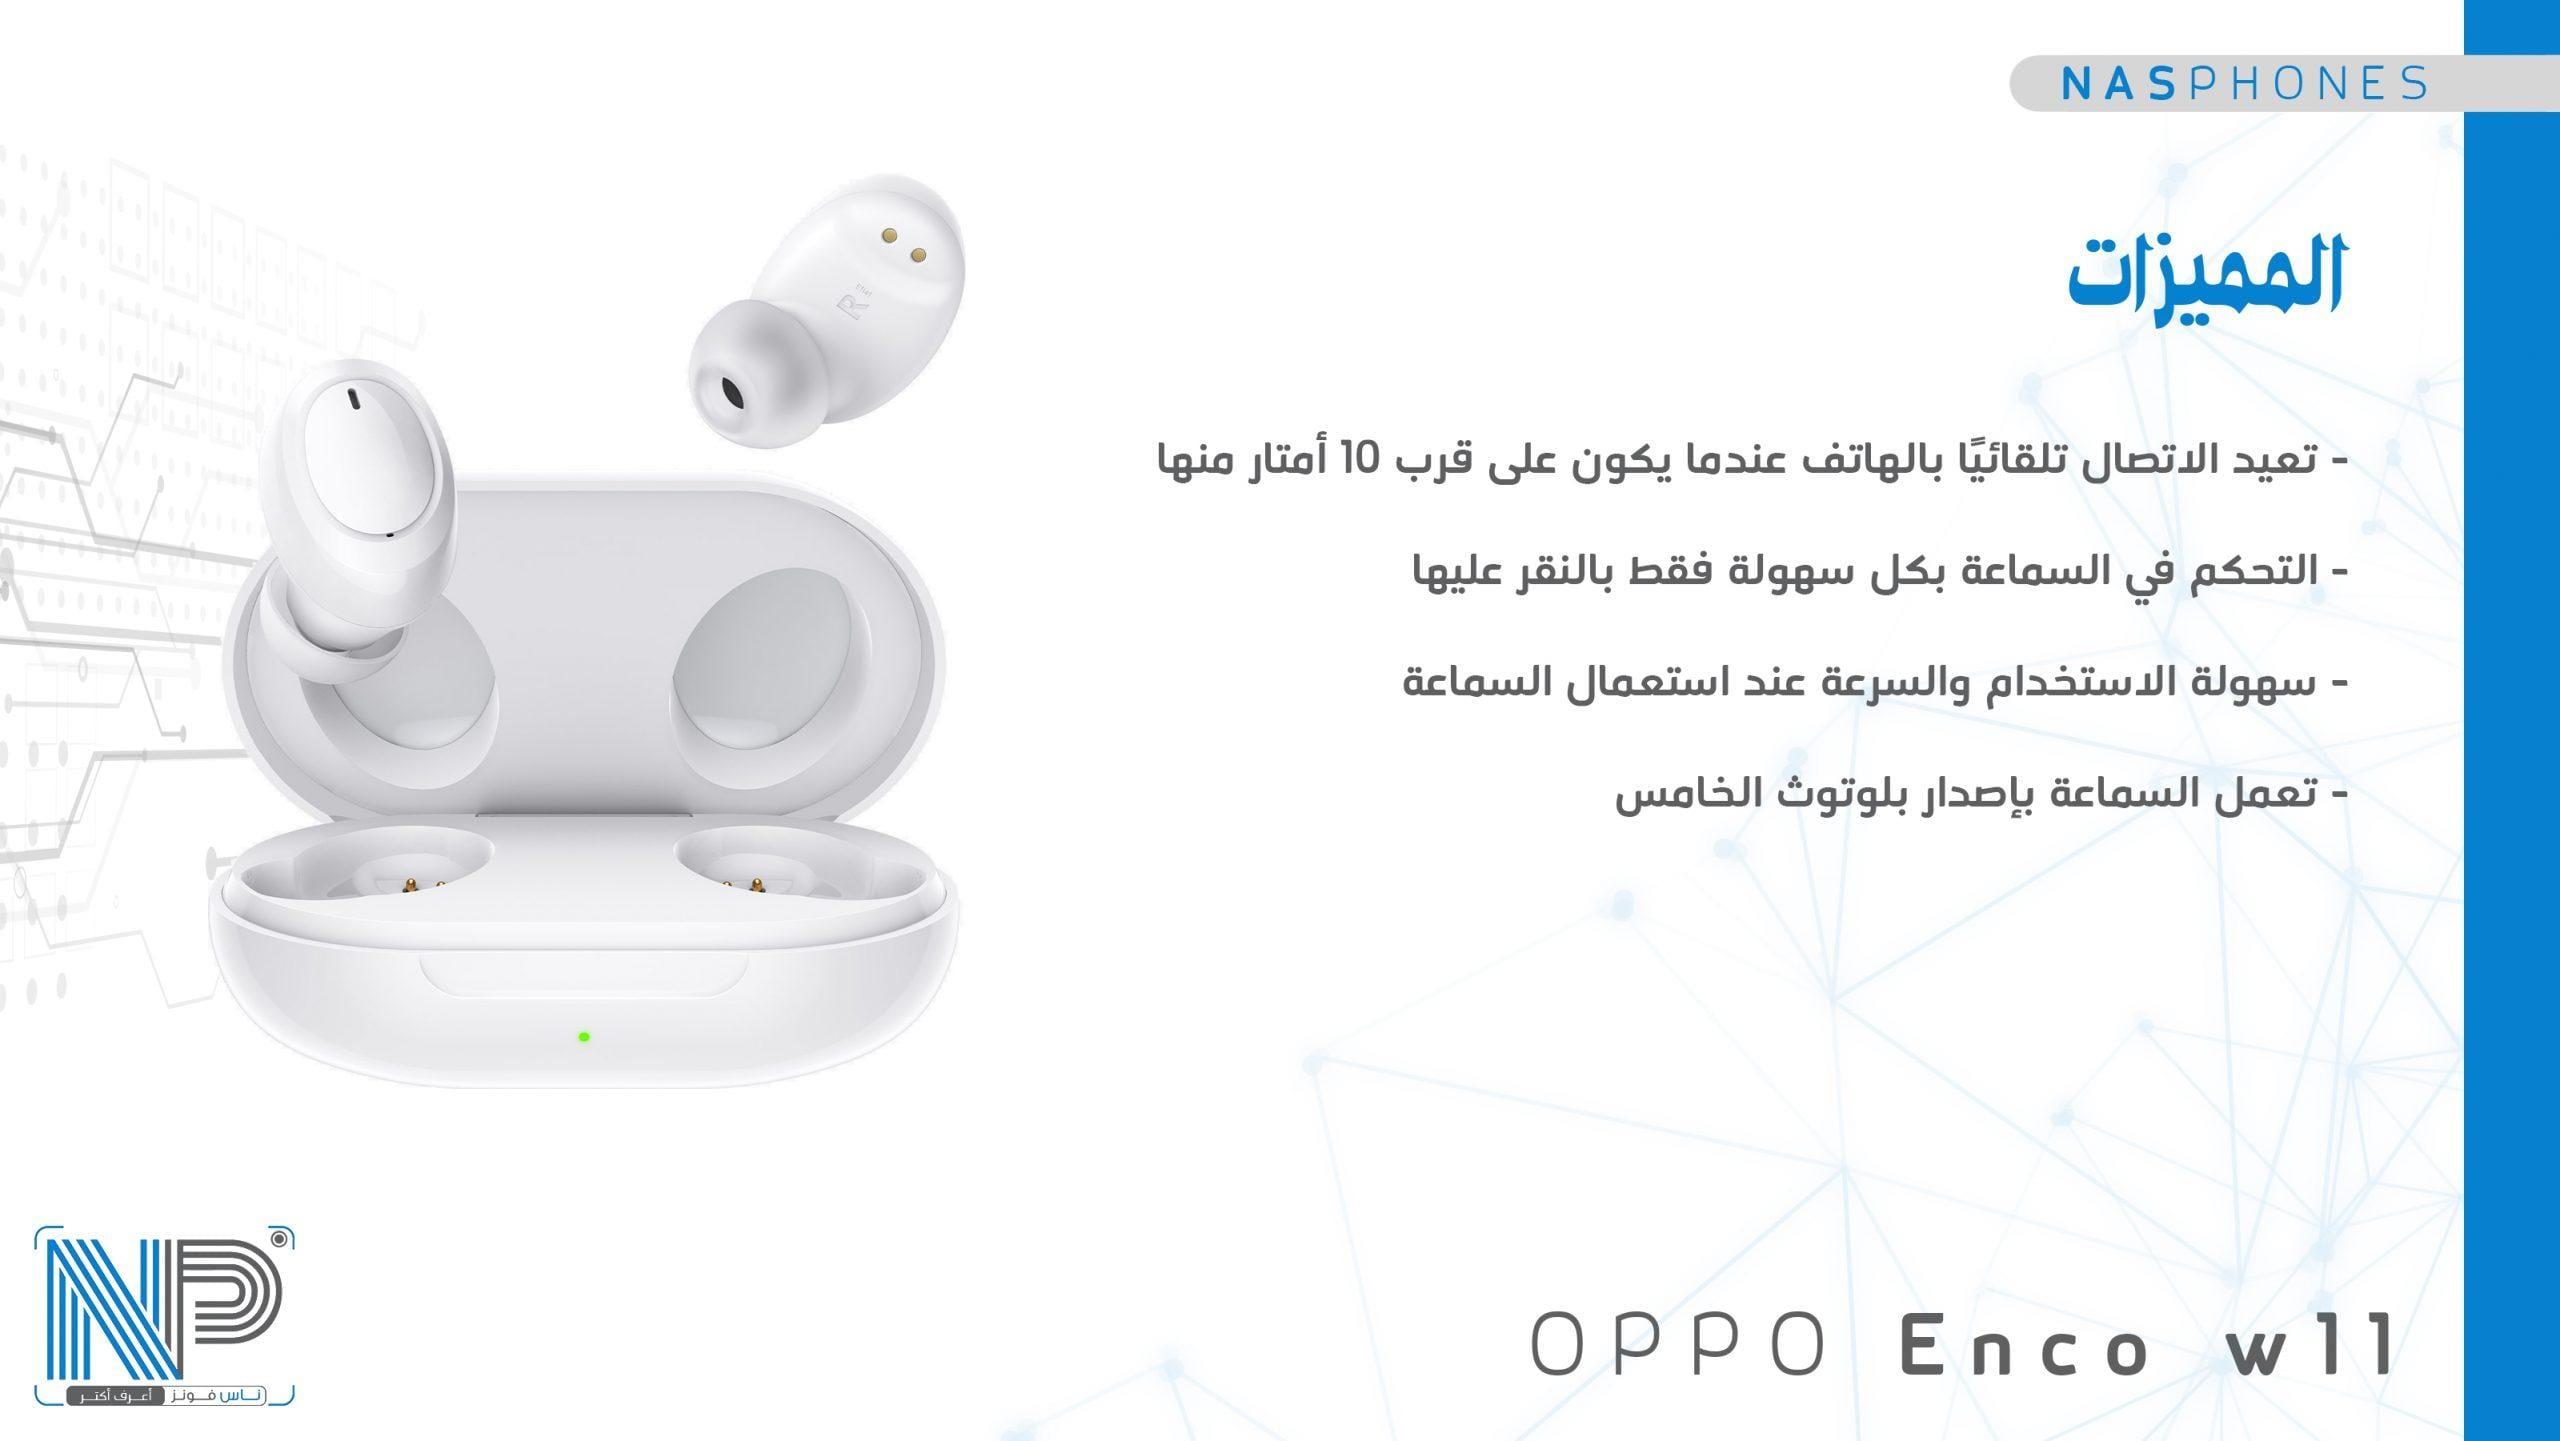 مميزات Oppo Enco w11